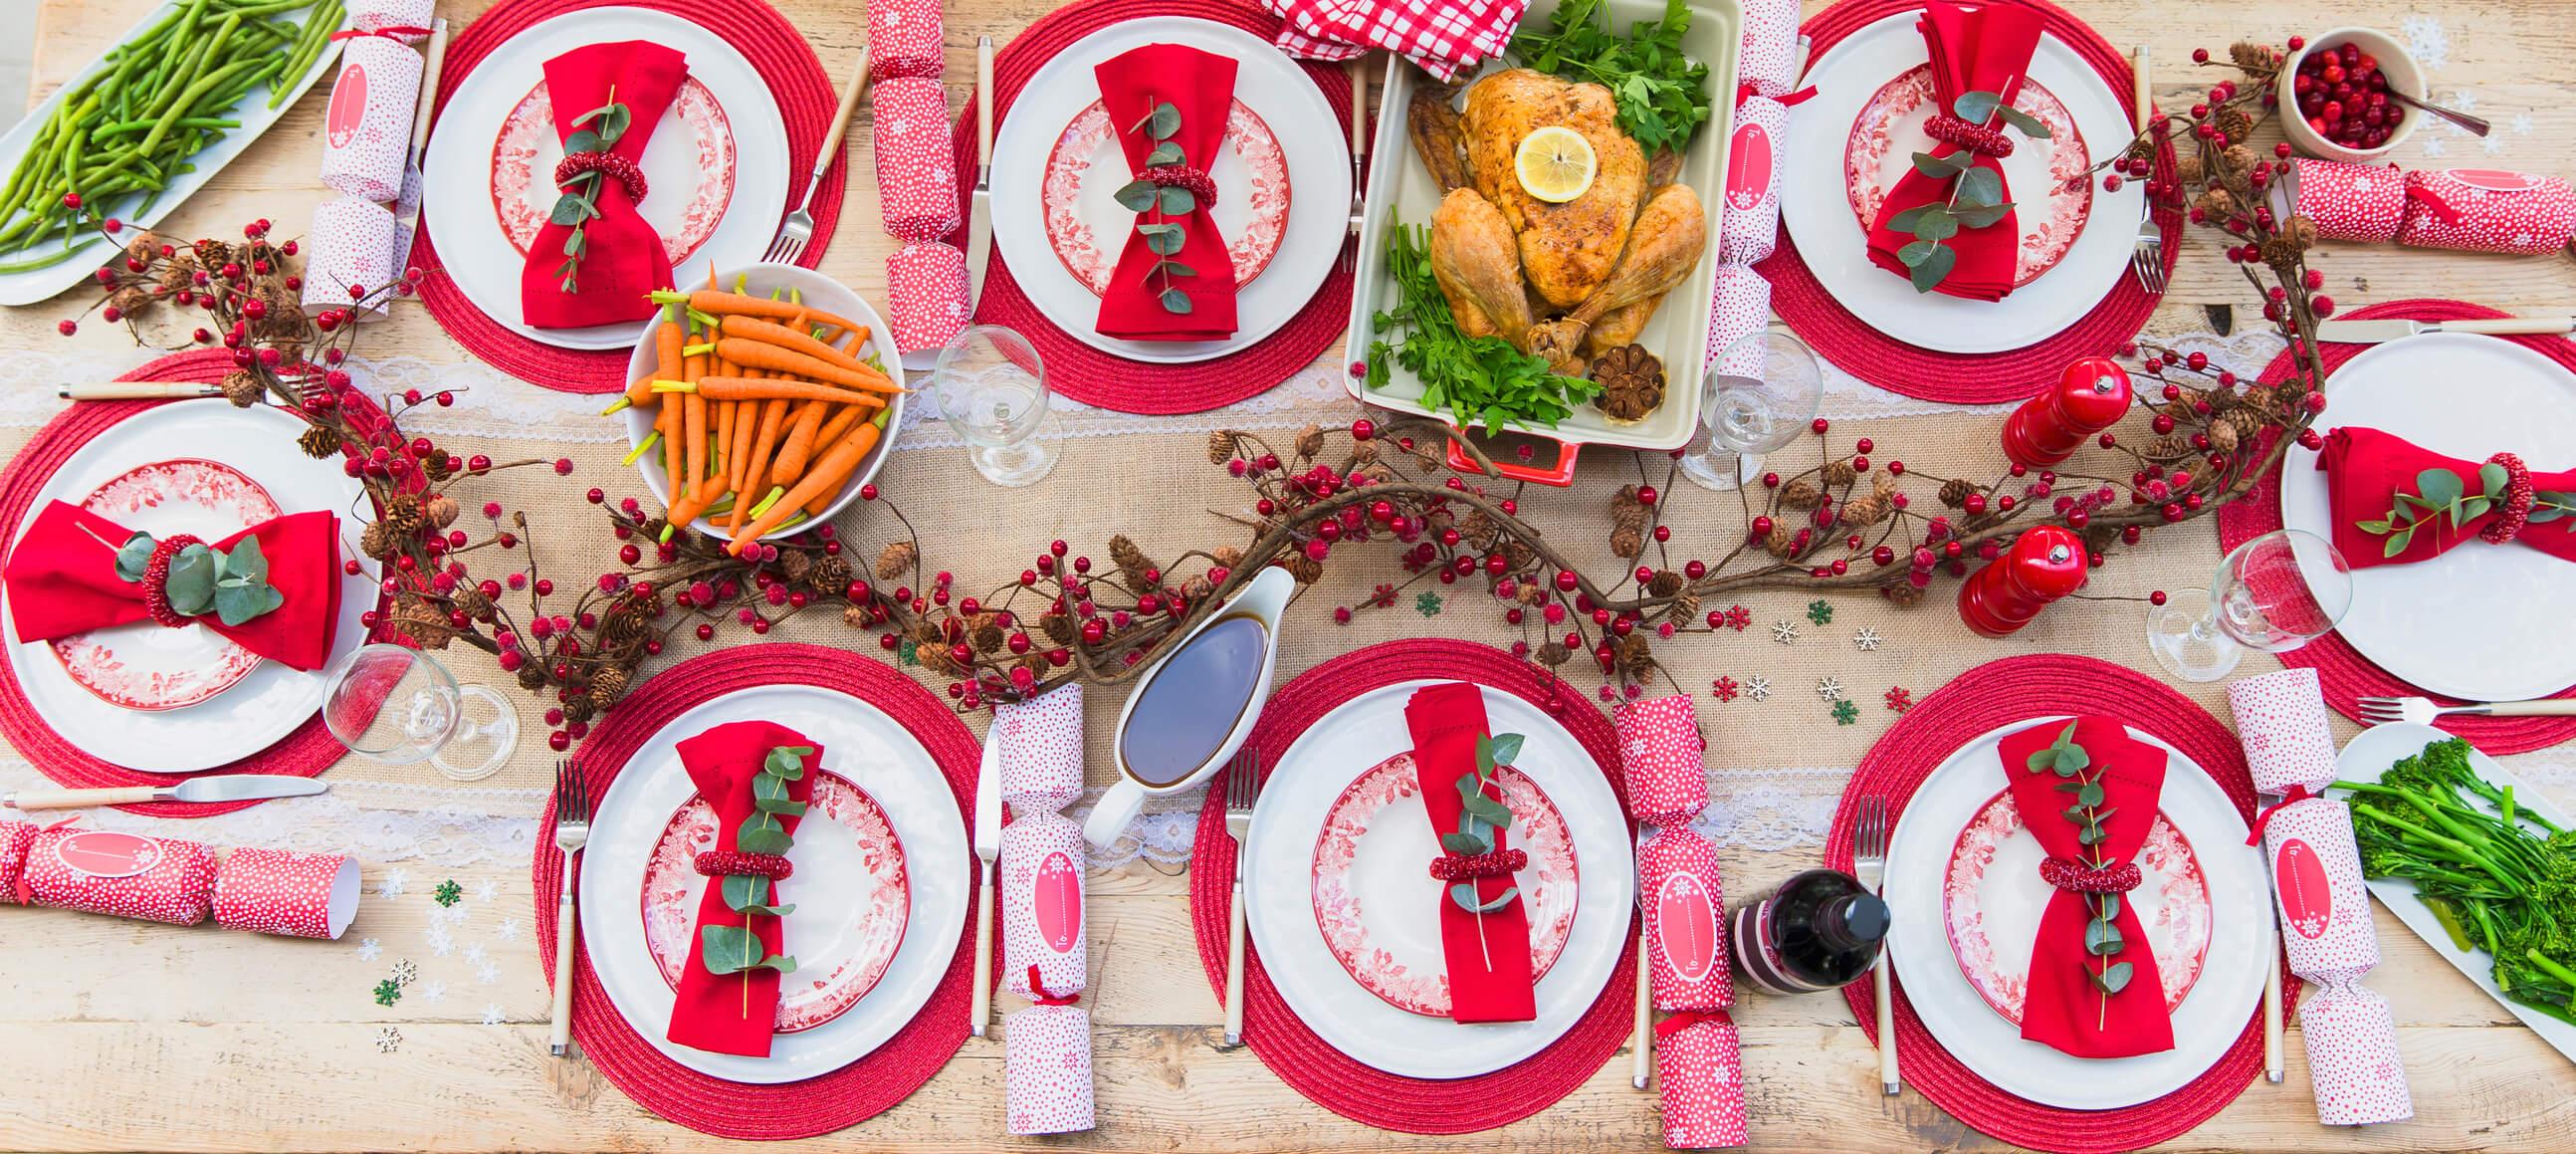 Снова в детство: лучшие новогодние традиции-Фото 2